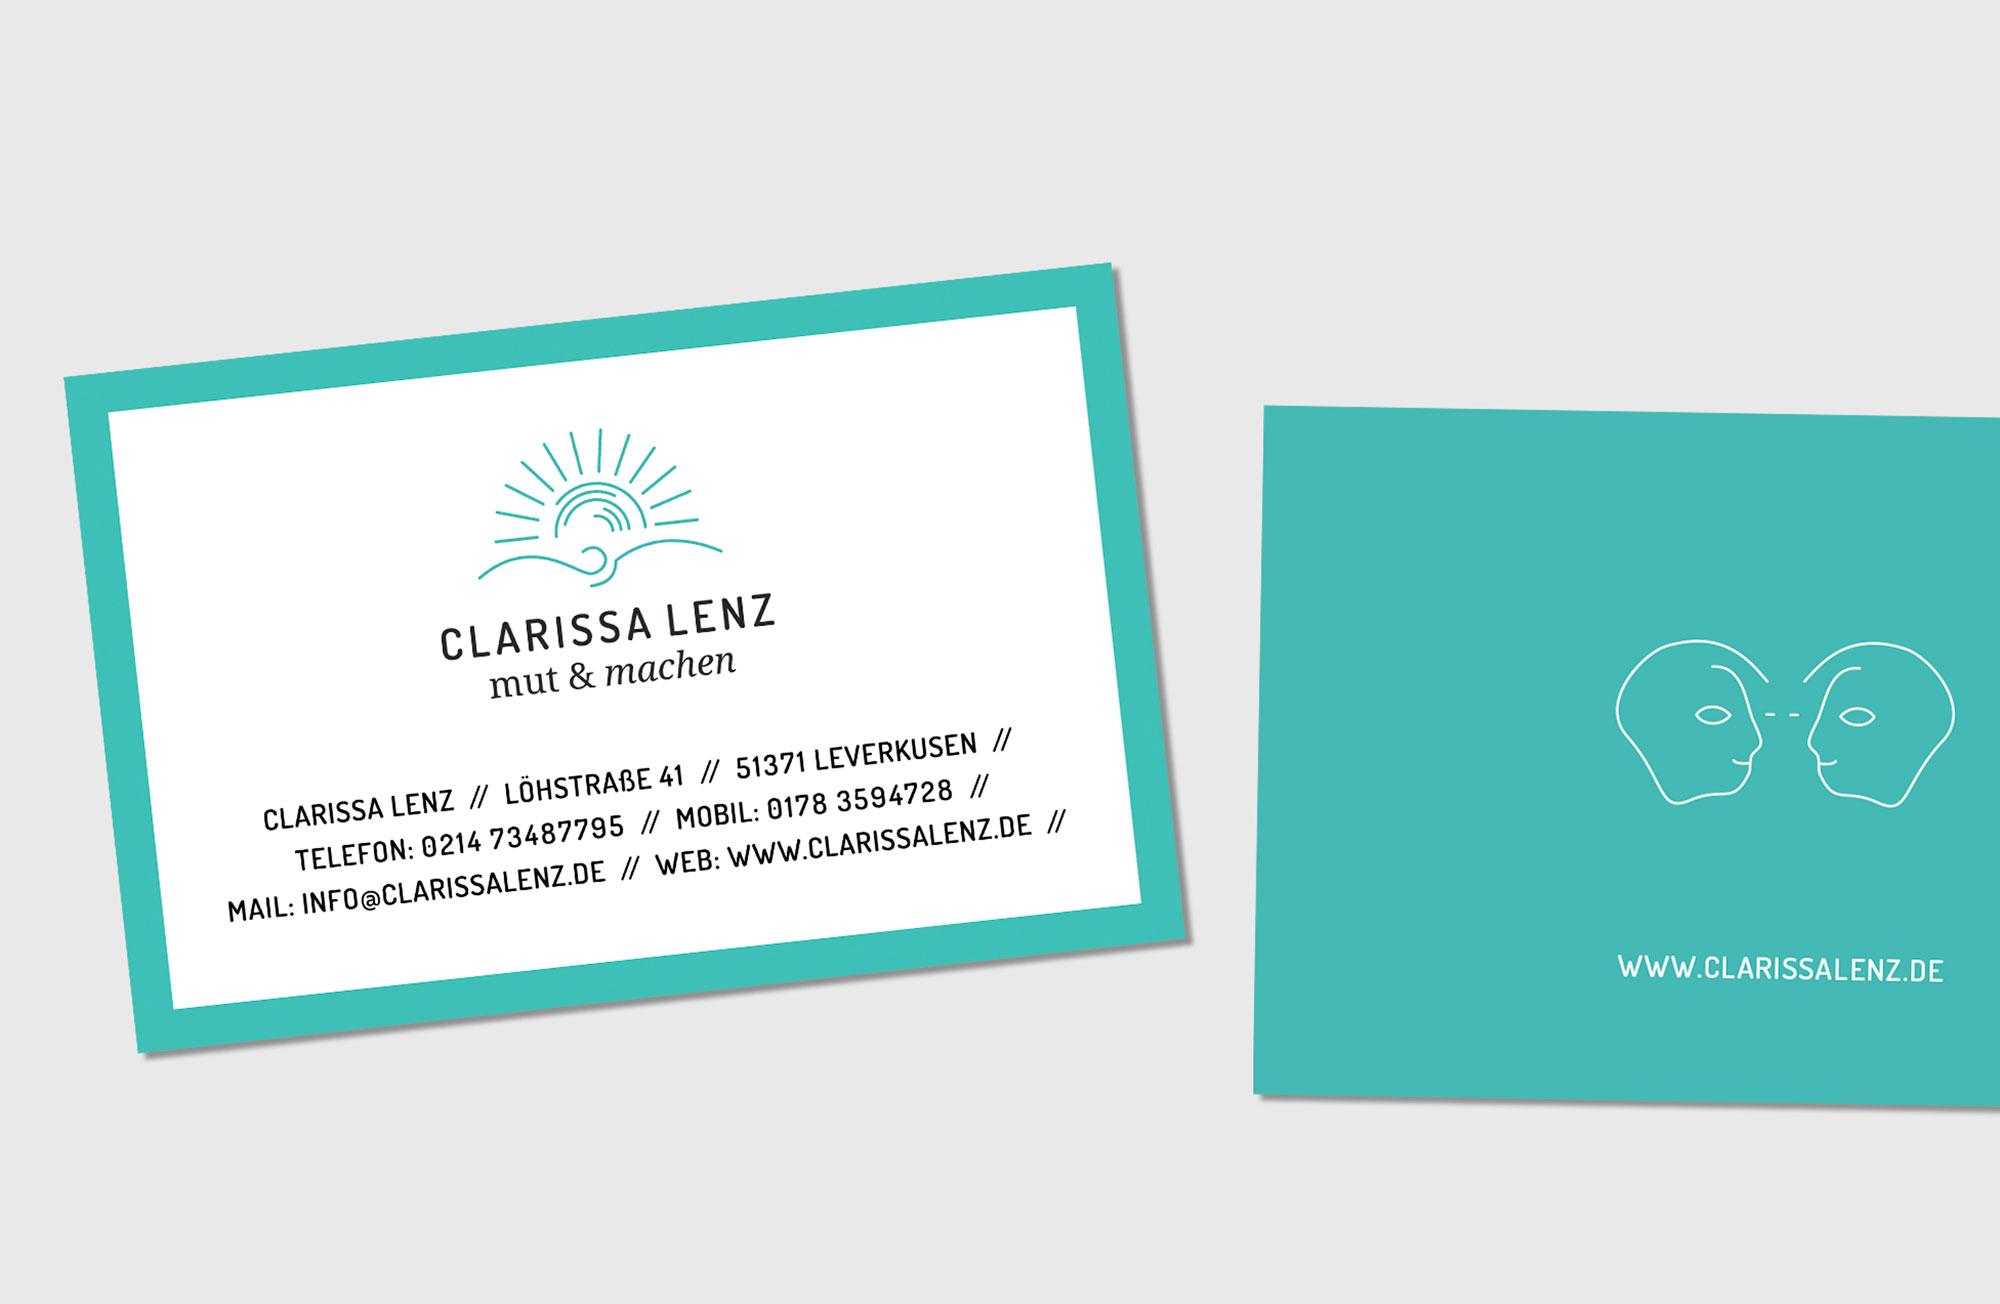 Clarissa Lenz Visitenkarten Detail